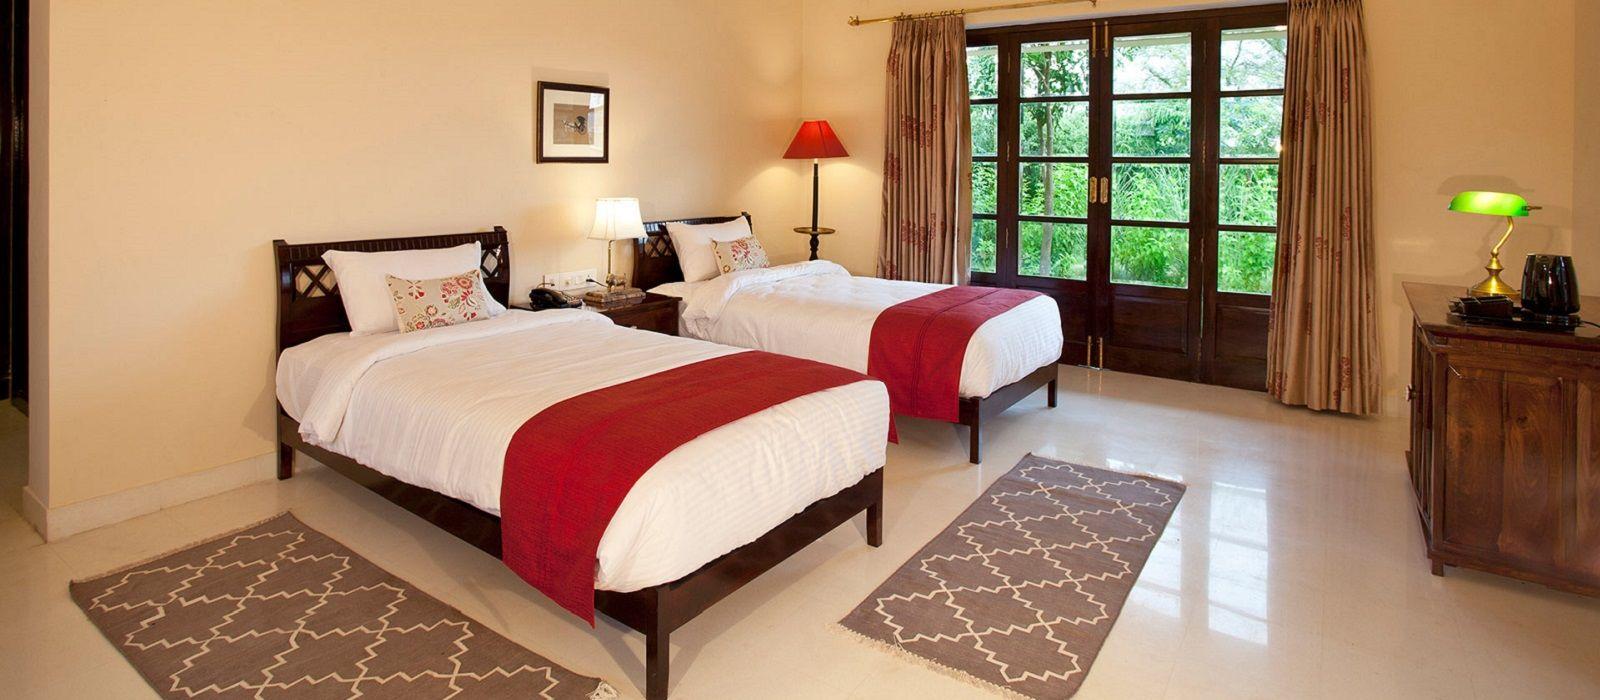 Hotel Tree Leaf Kipling Lodge Ranthambore North India